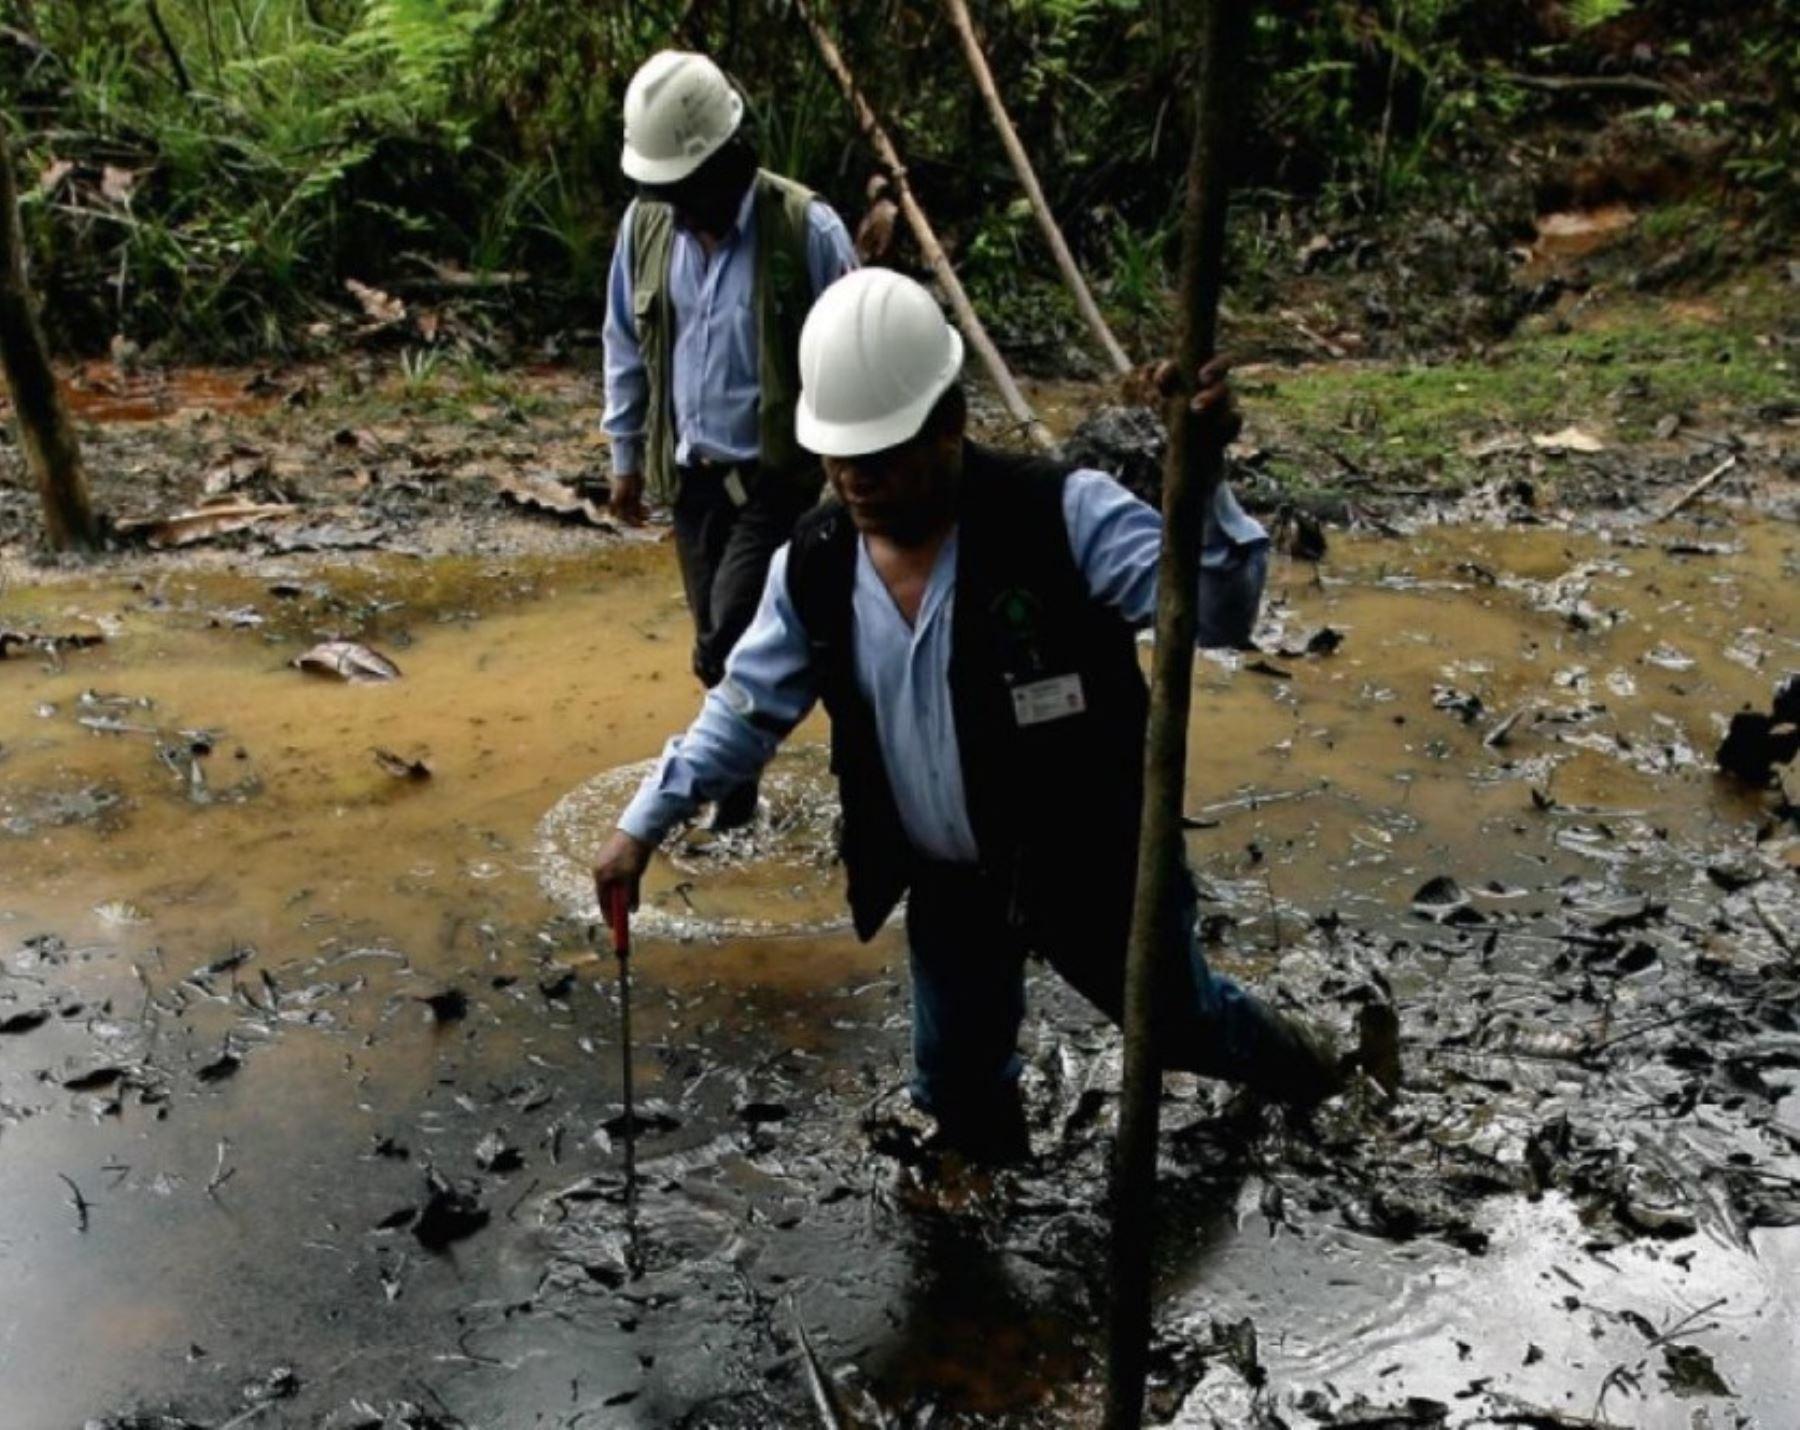 Más de S/ 430 millones de inversión demandará la rehabilitación ambiental de la cuenca del río Corrientes, en la región Loreto, afectada por derrames de petróleo.